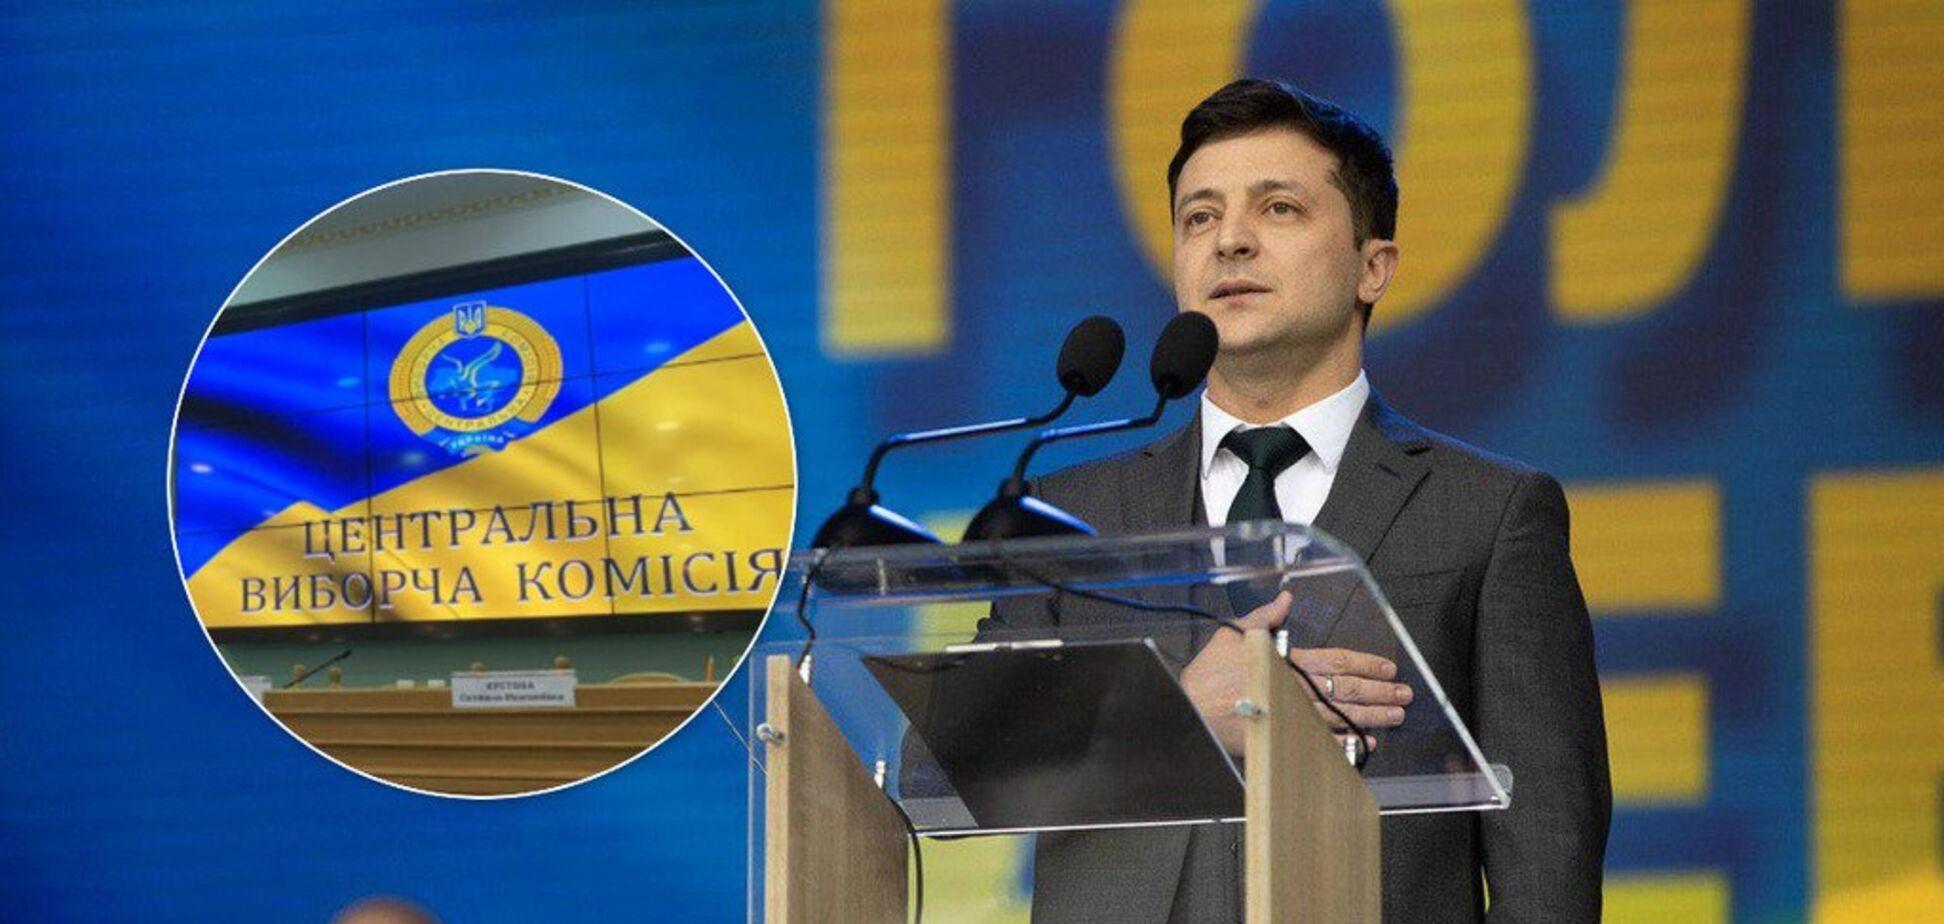 'Відтягти інавгурацію': ЦВК відповів на жорсткі звинувачення Зеленського